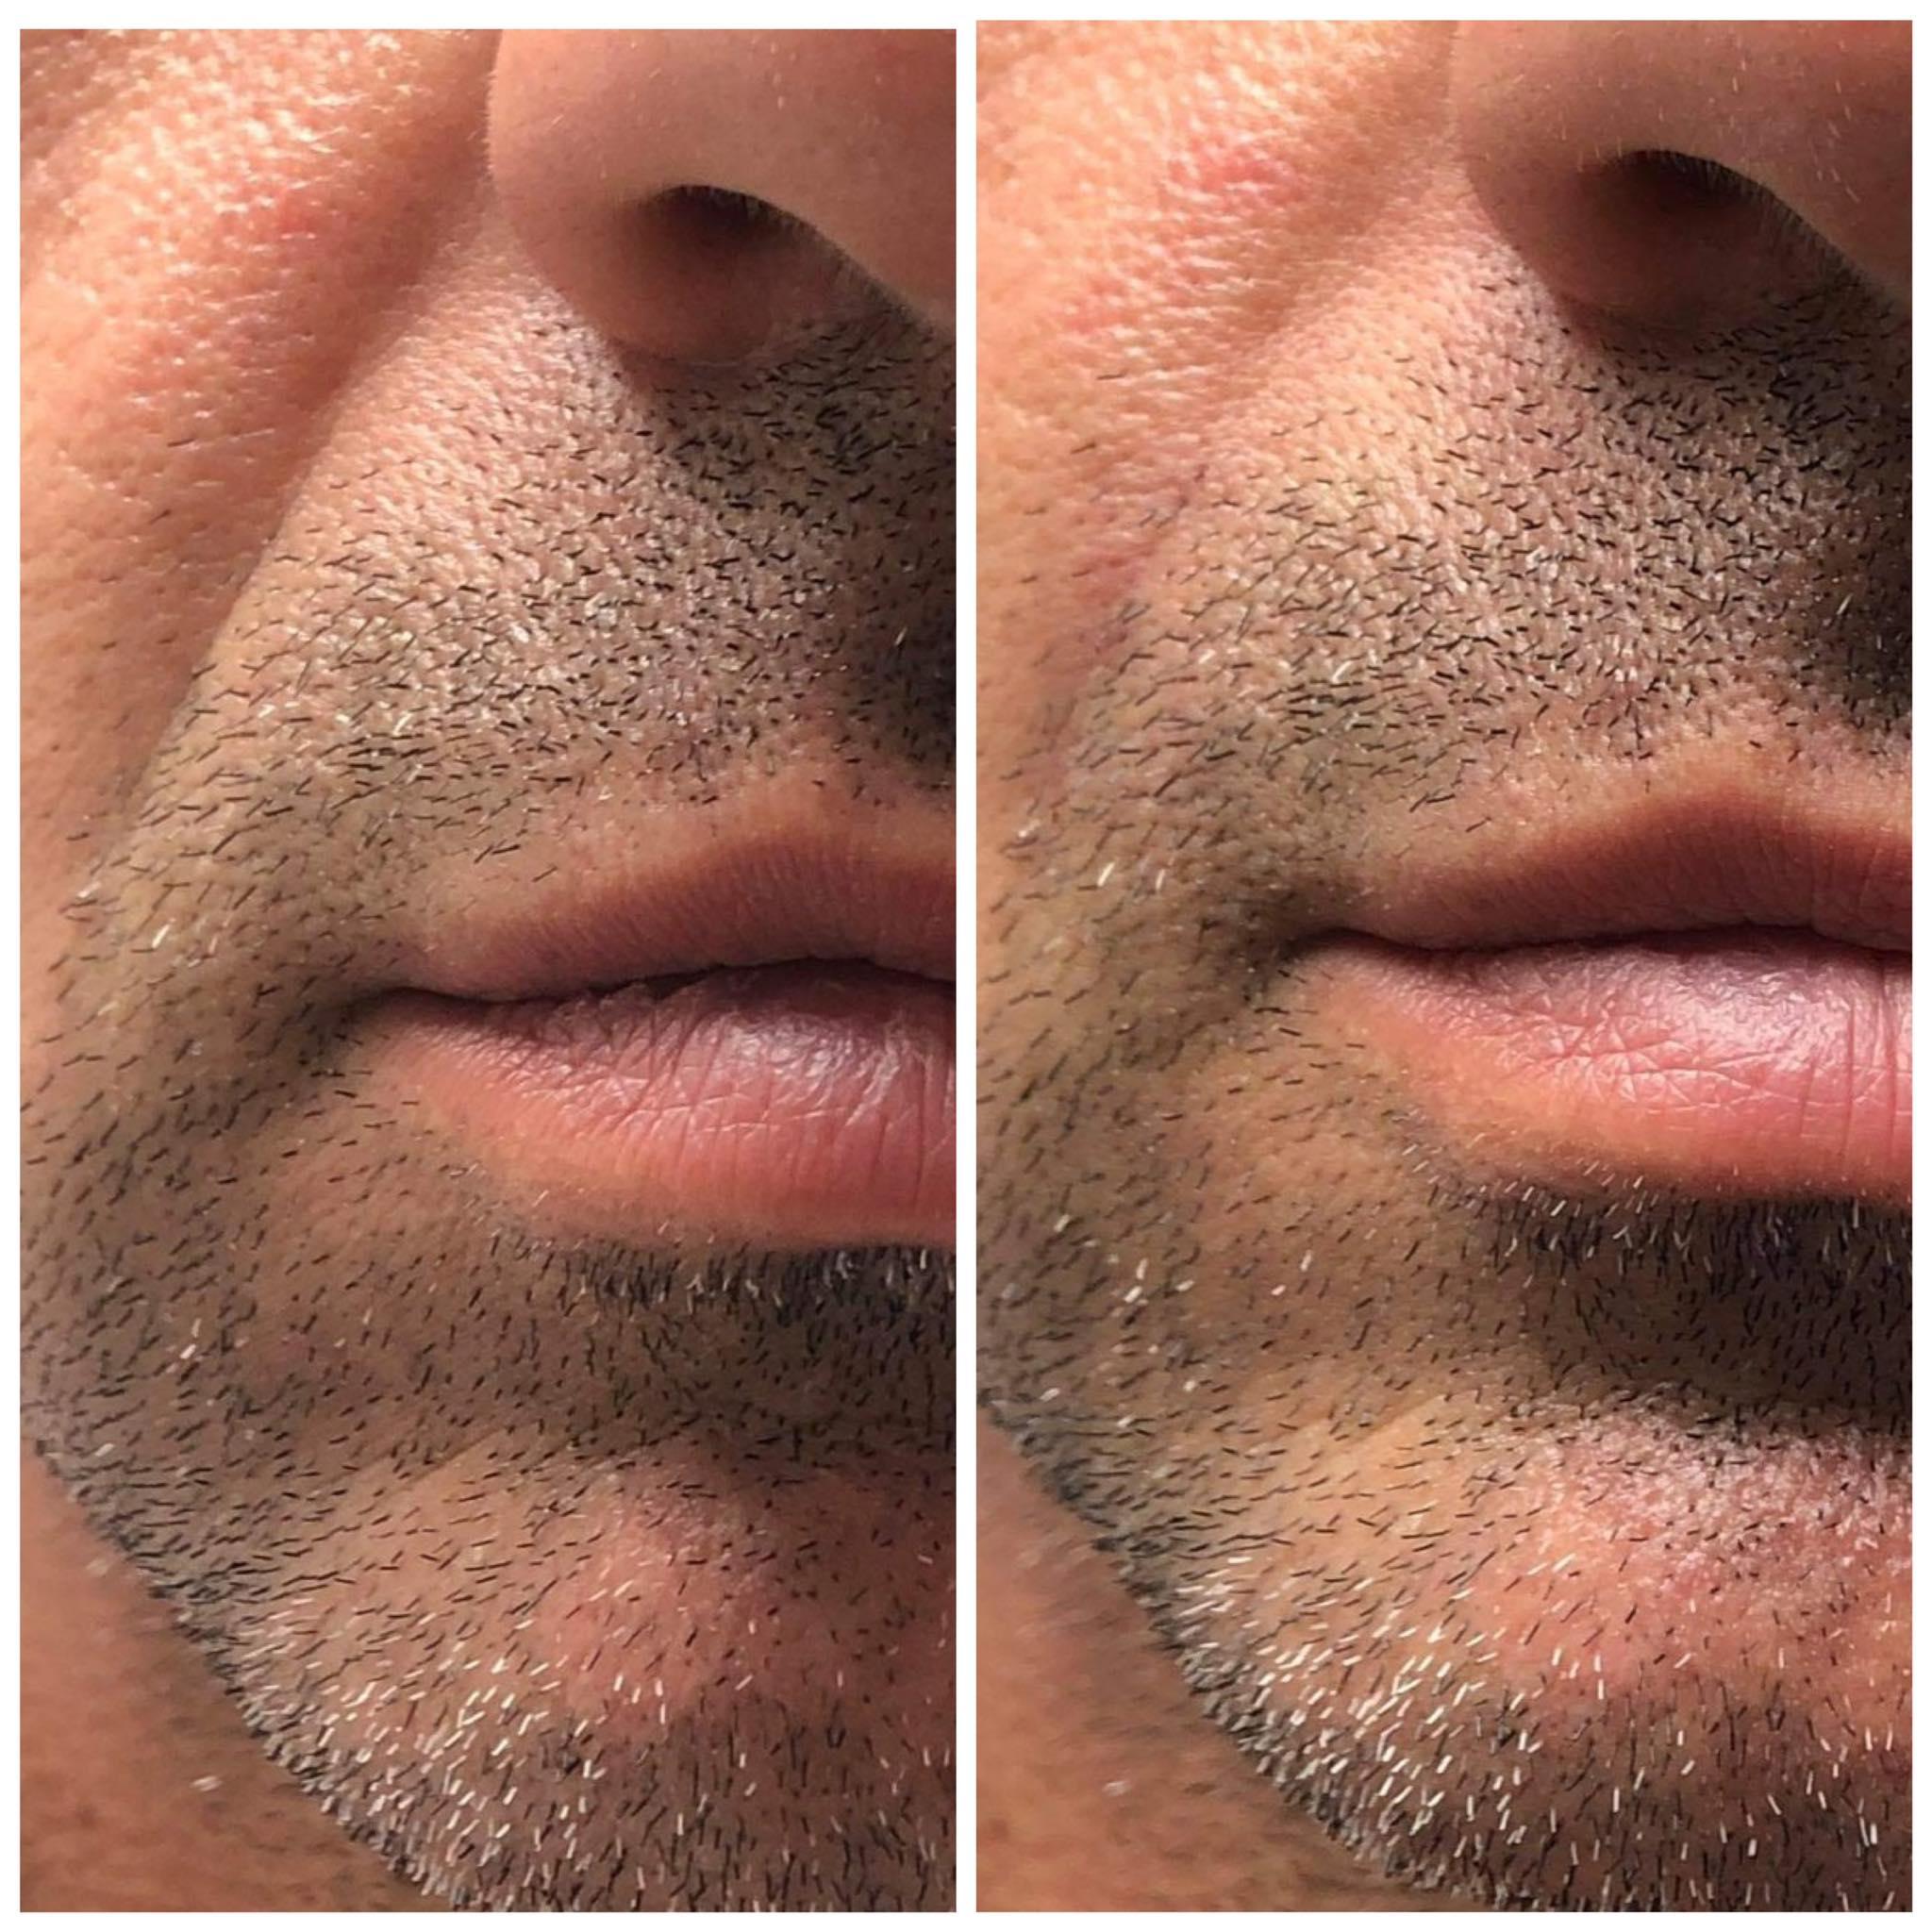 υαλουρονικό οξύ σε ρυτίδες άντρα πριν και μετά